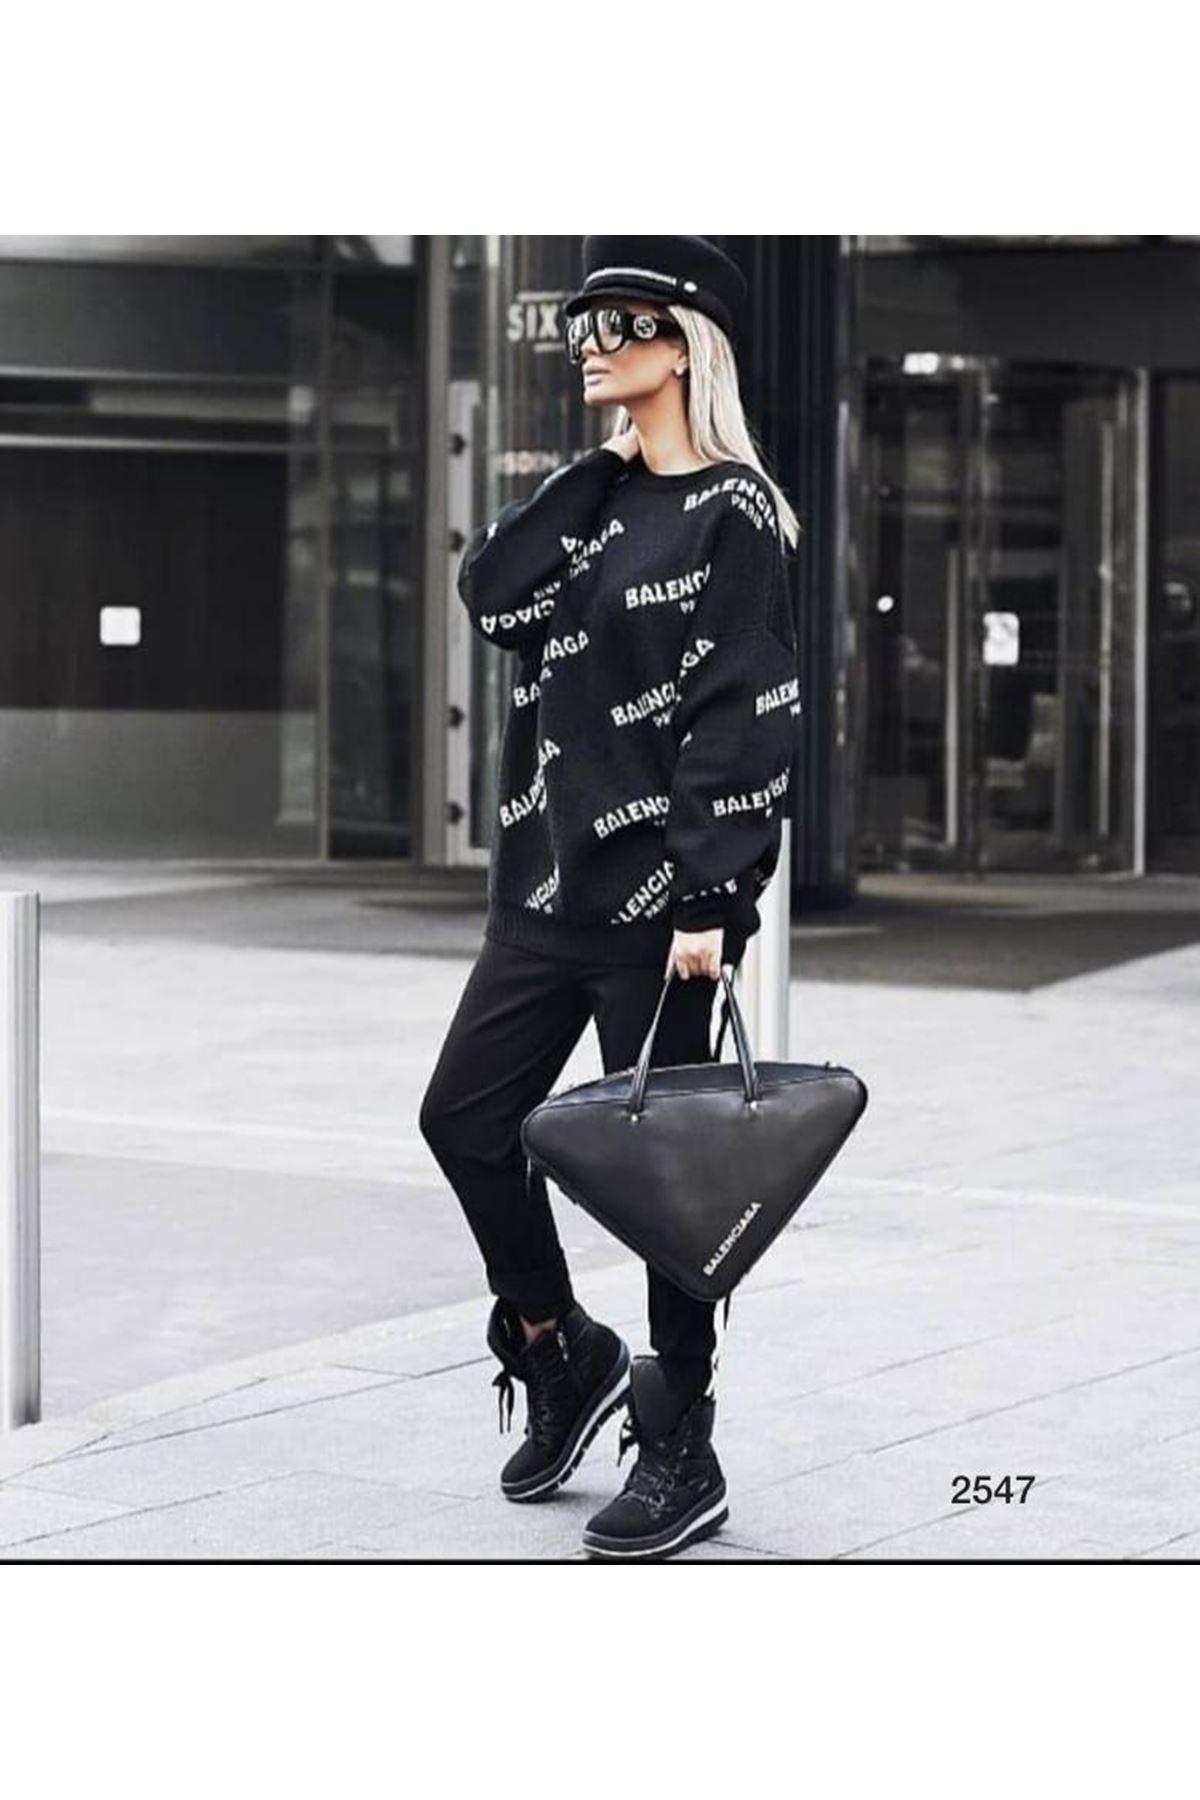 Balenciaga Baskılı Sweat - siyah